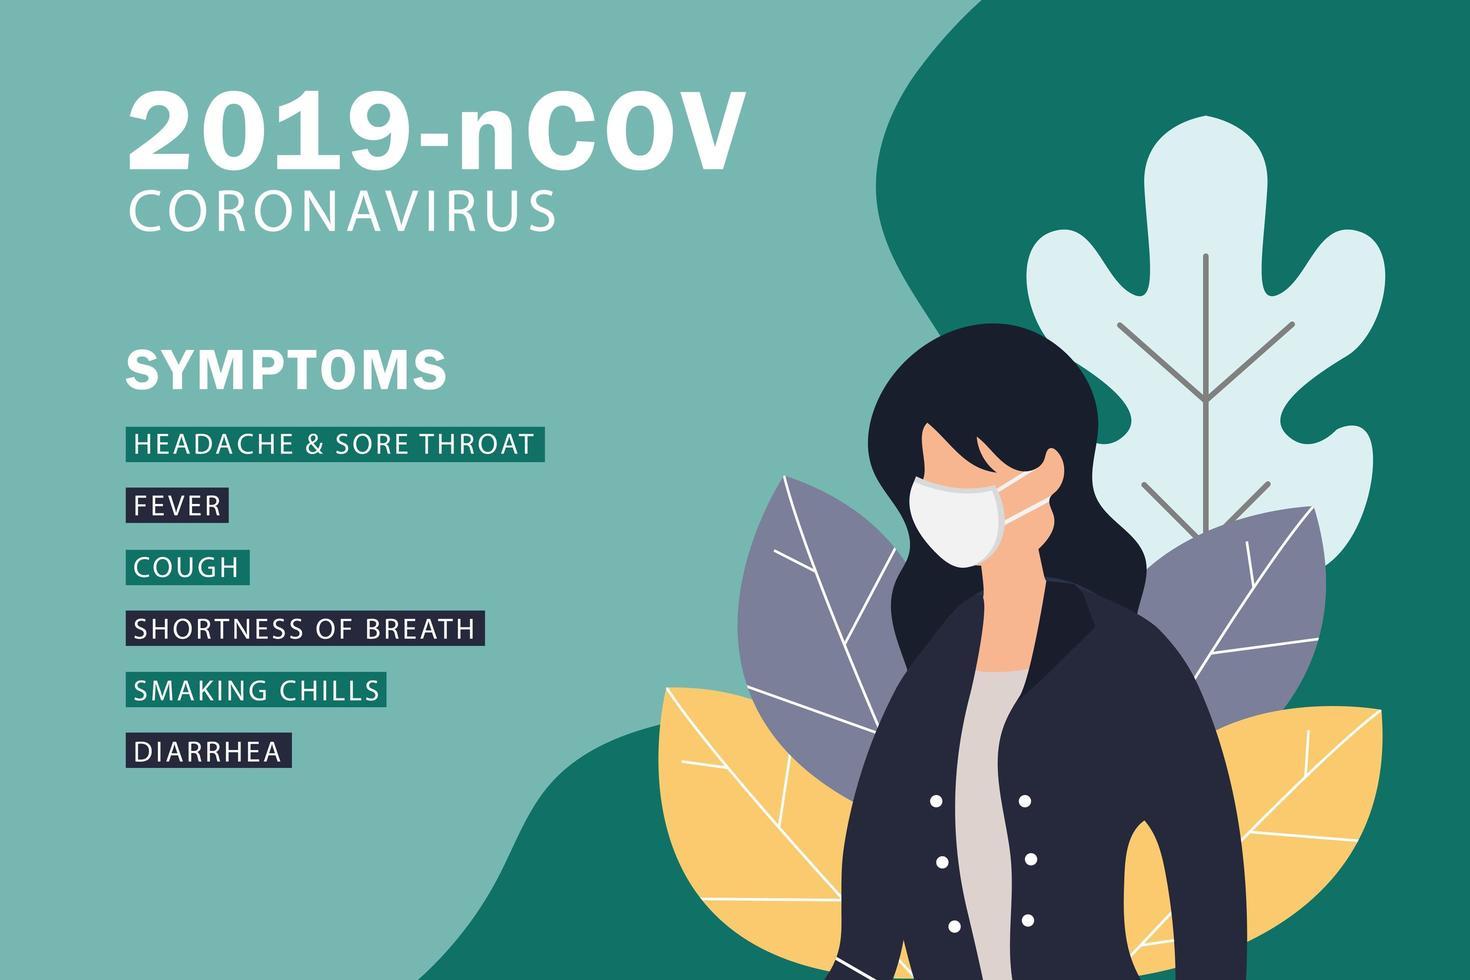 conception de coronavirus covid-19 ou 2019-ncov vecteur